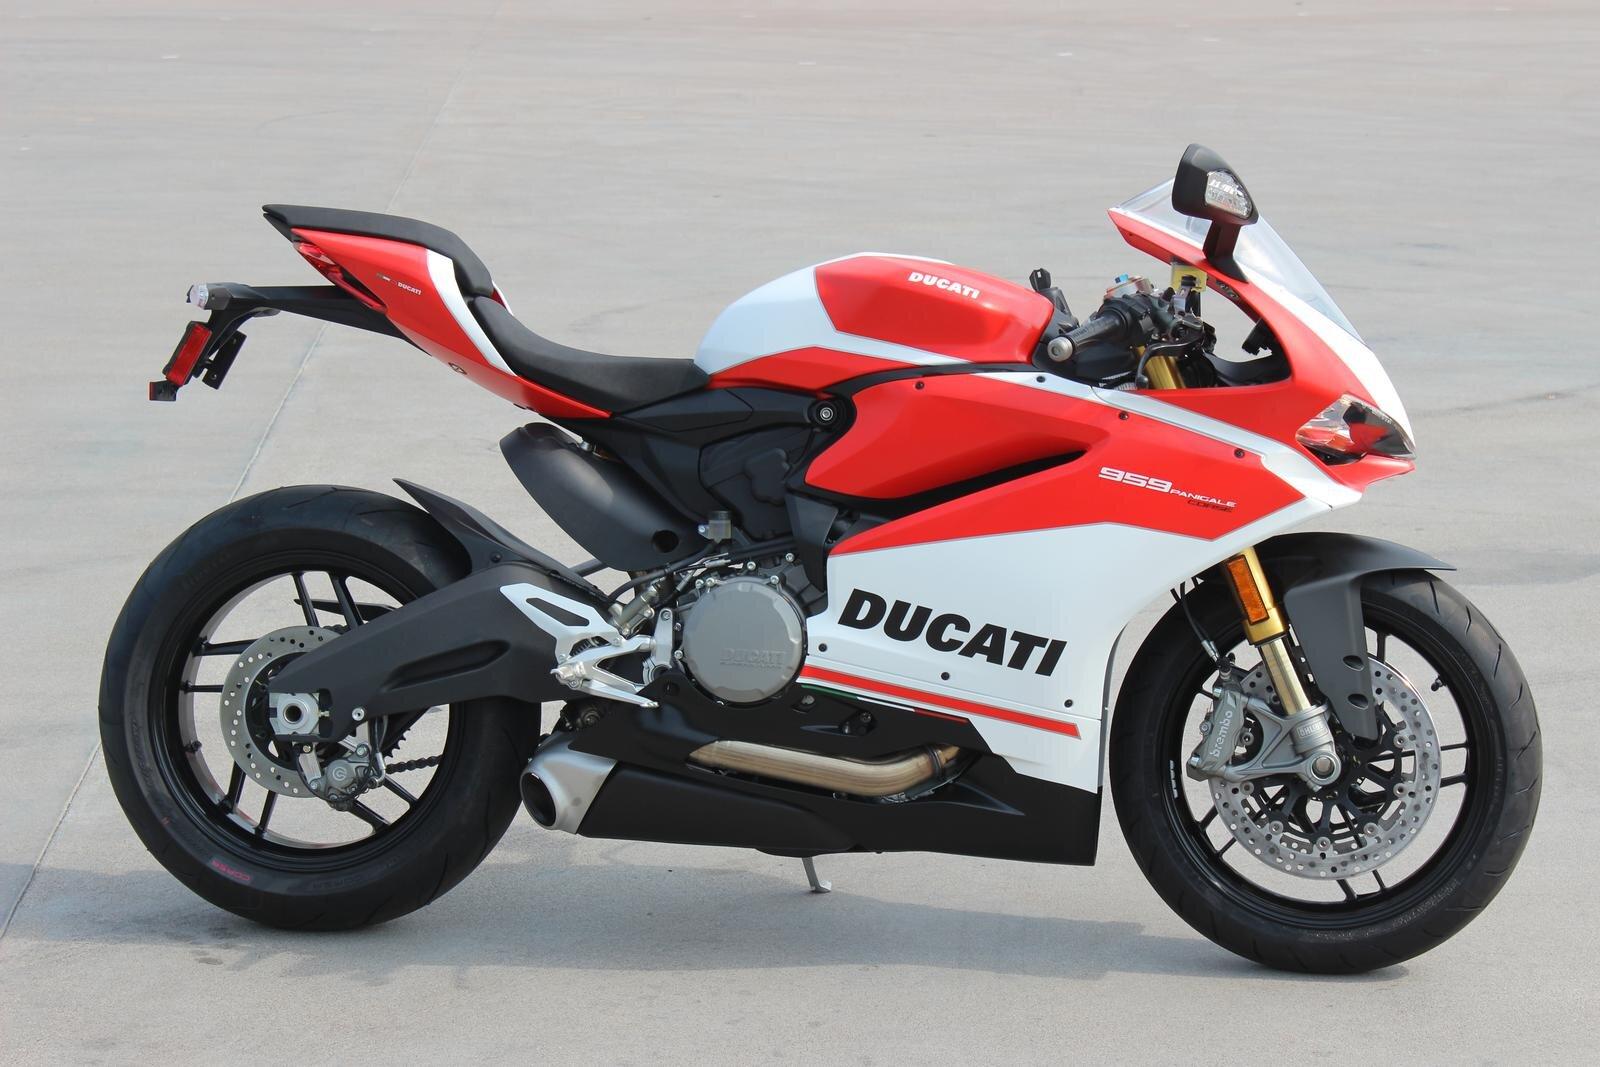 Xe mô tô đến từ hãng xe phân khối lớn Ducati nổi tiếng